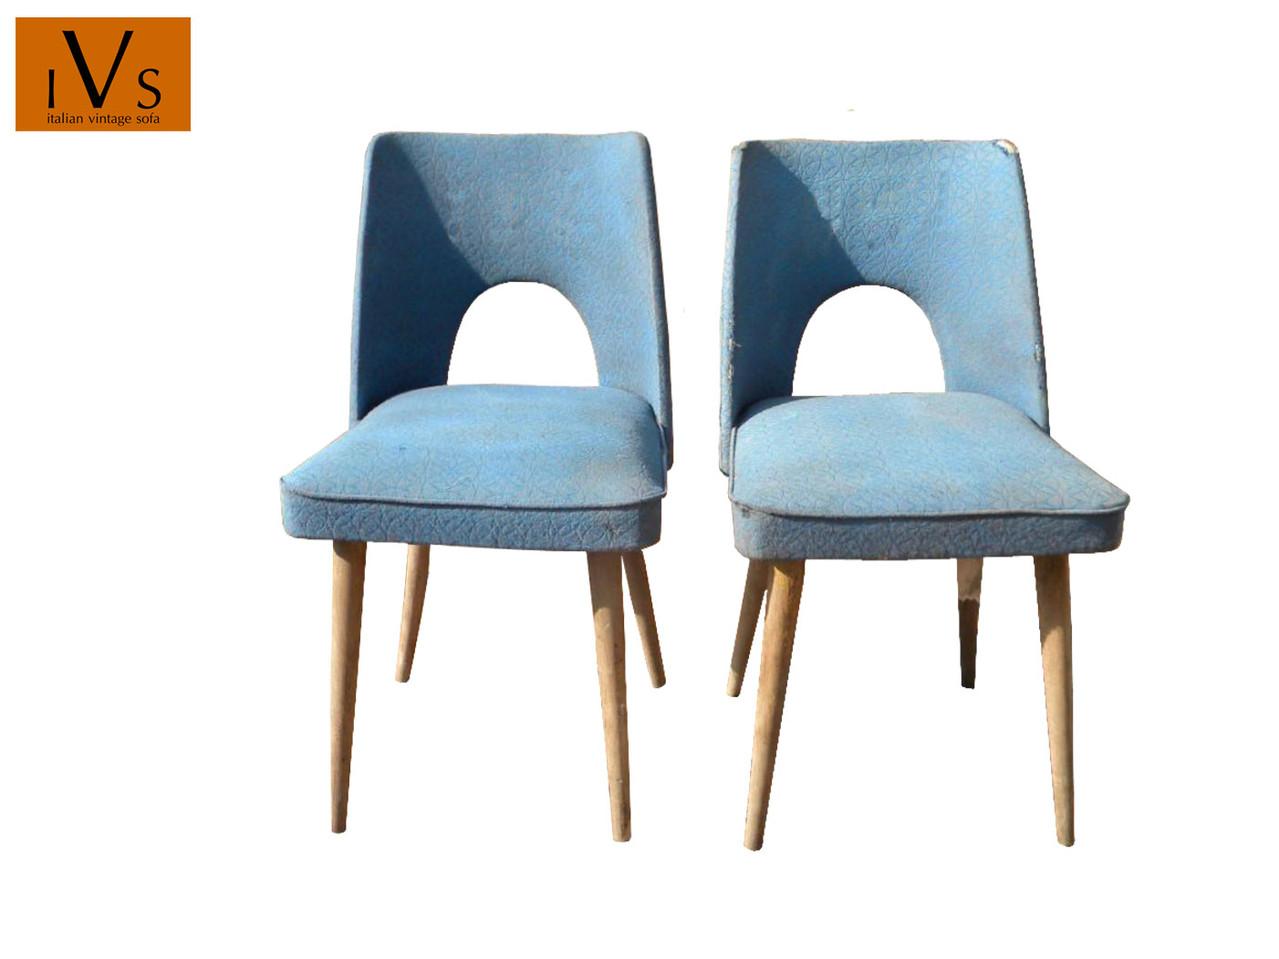 Sedie Vintage Anni 50 : Sedie club chair vintage anni 50 italian vintage sofa